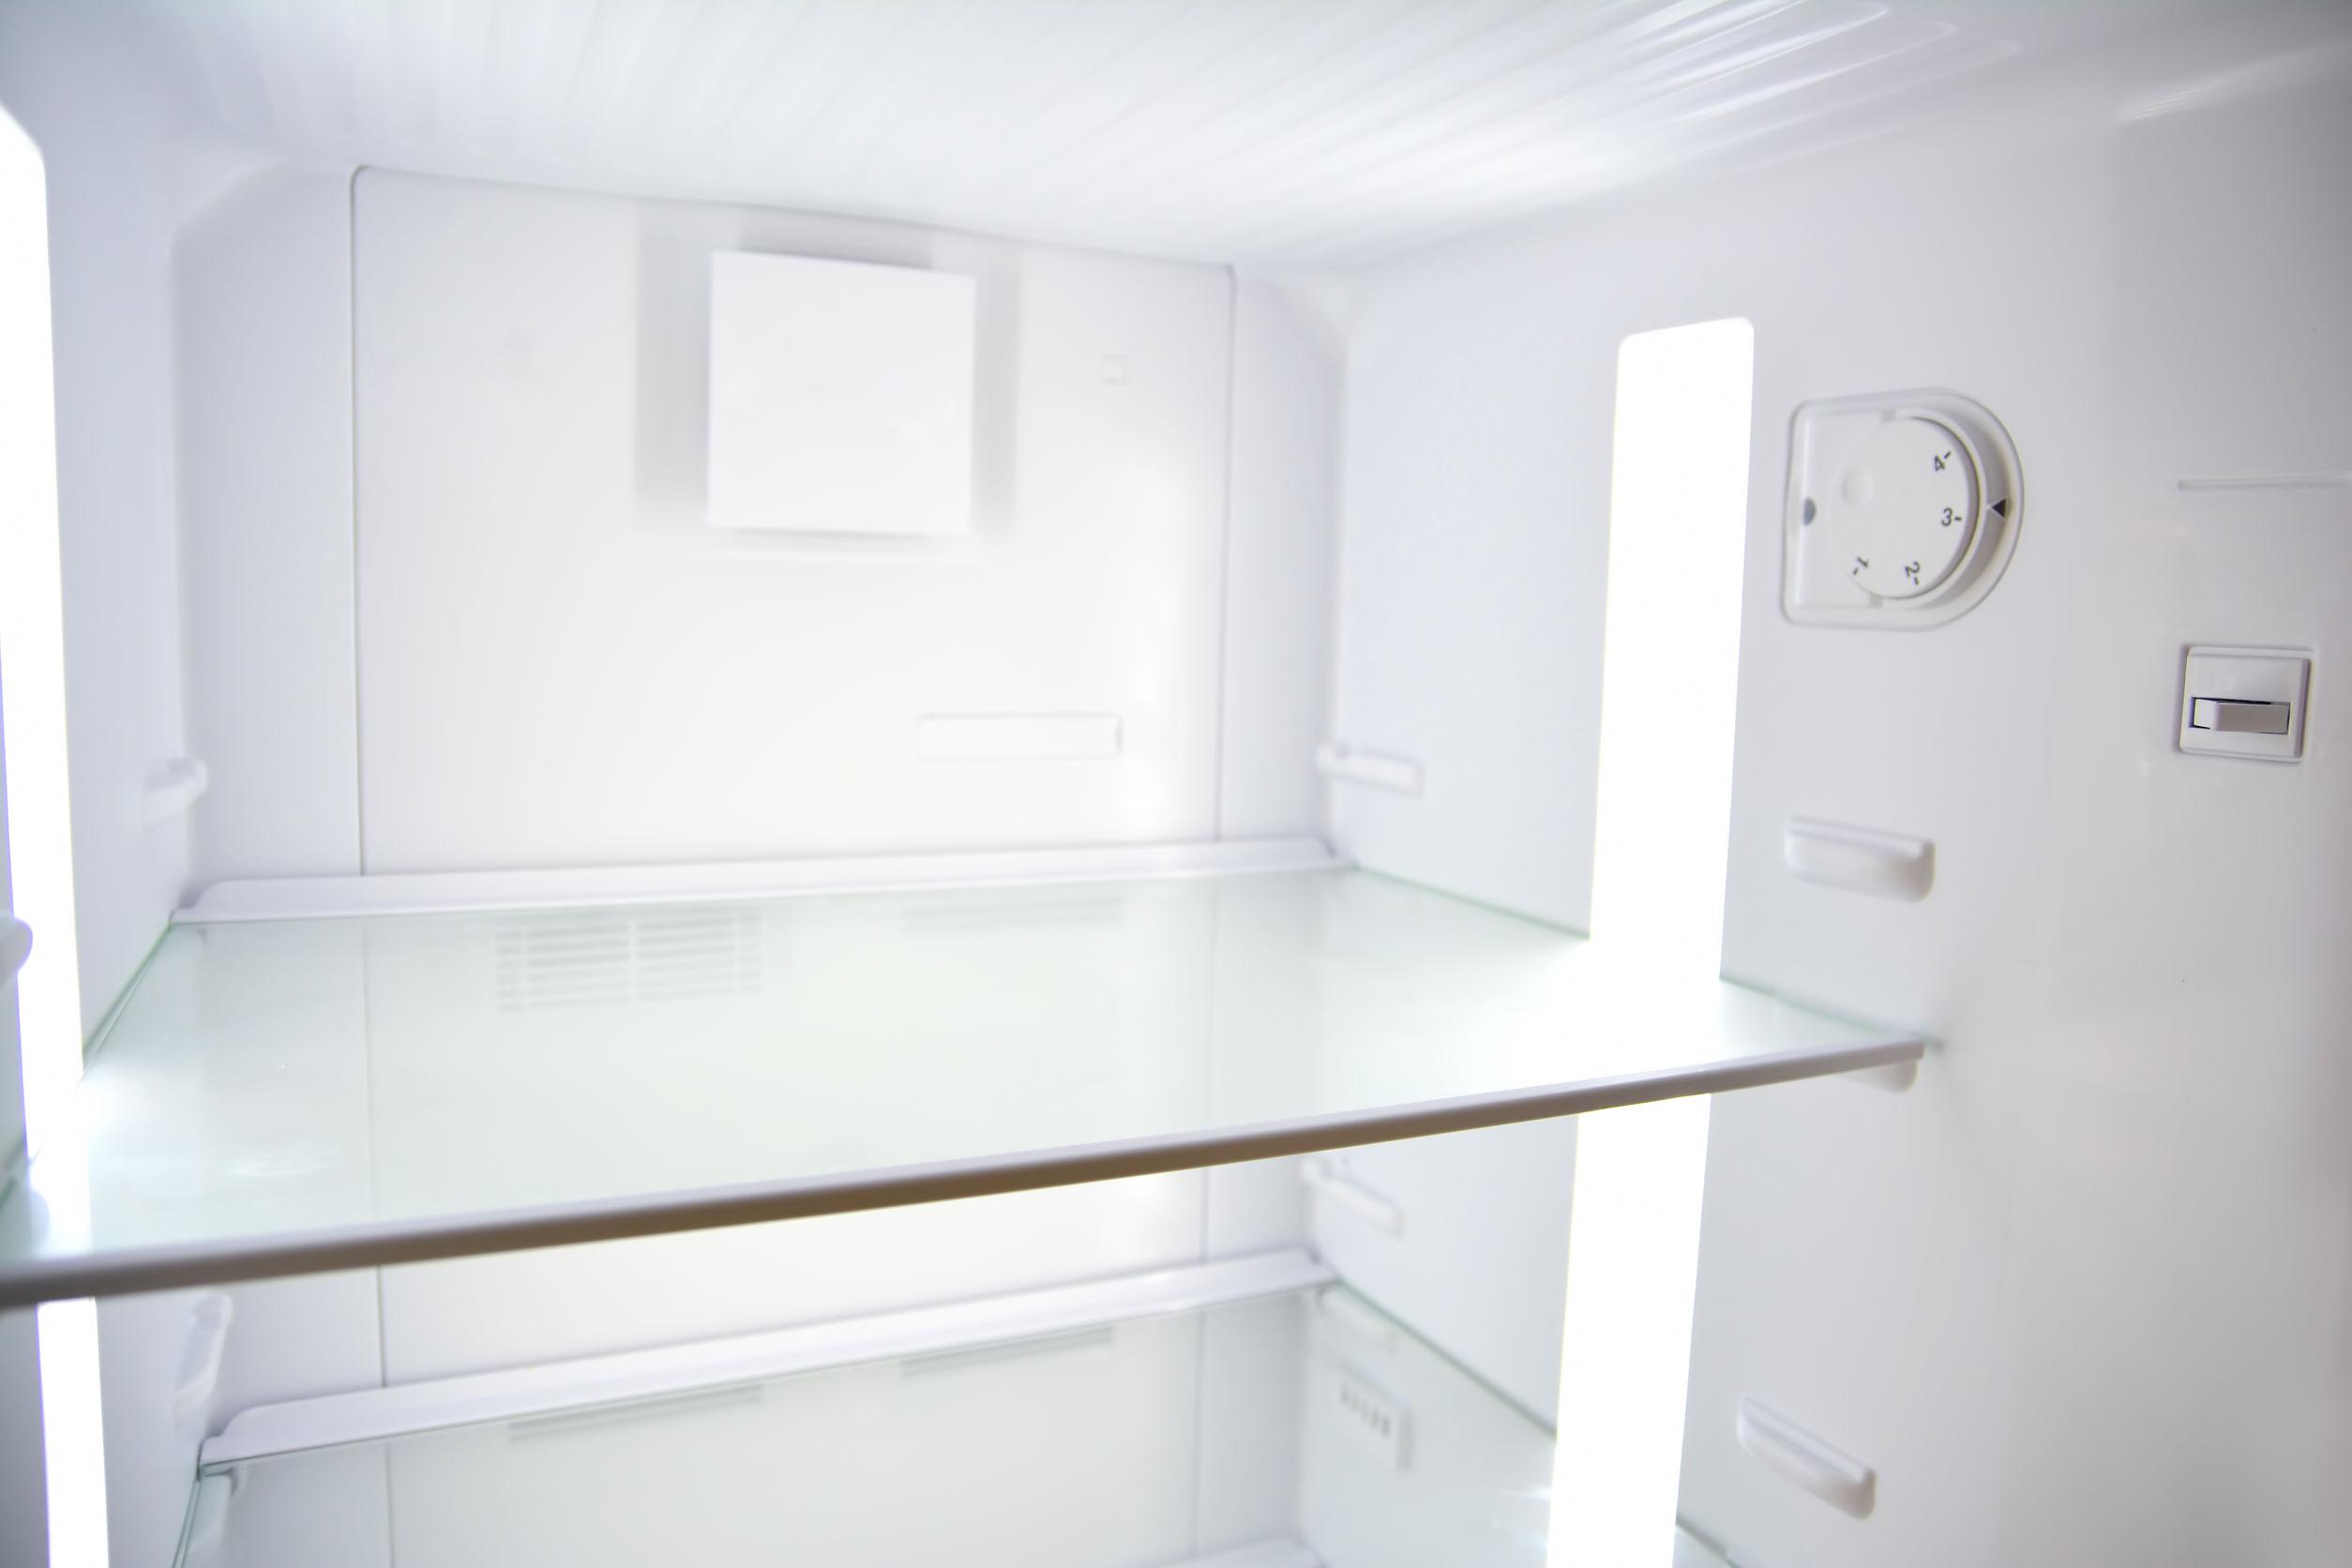 refrigerator shelves